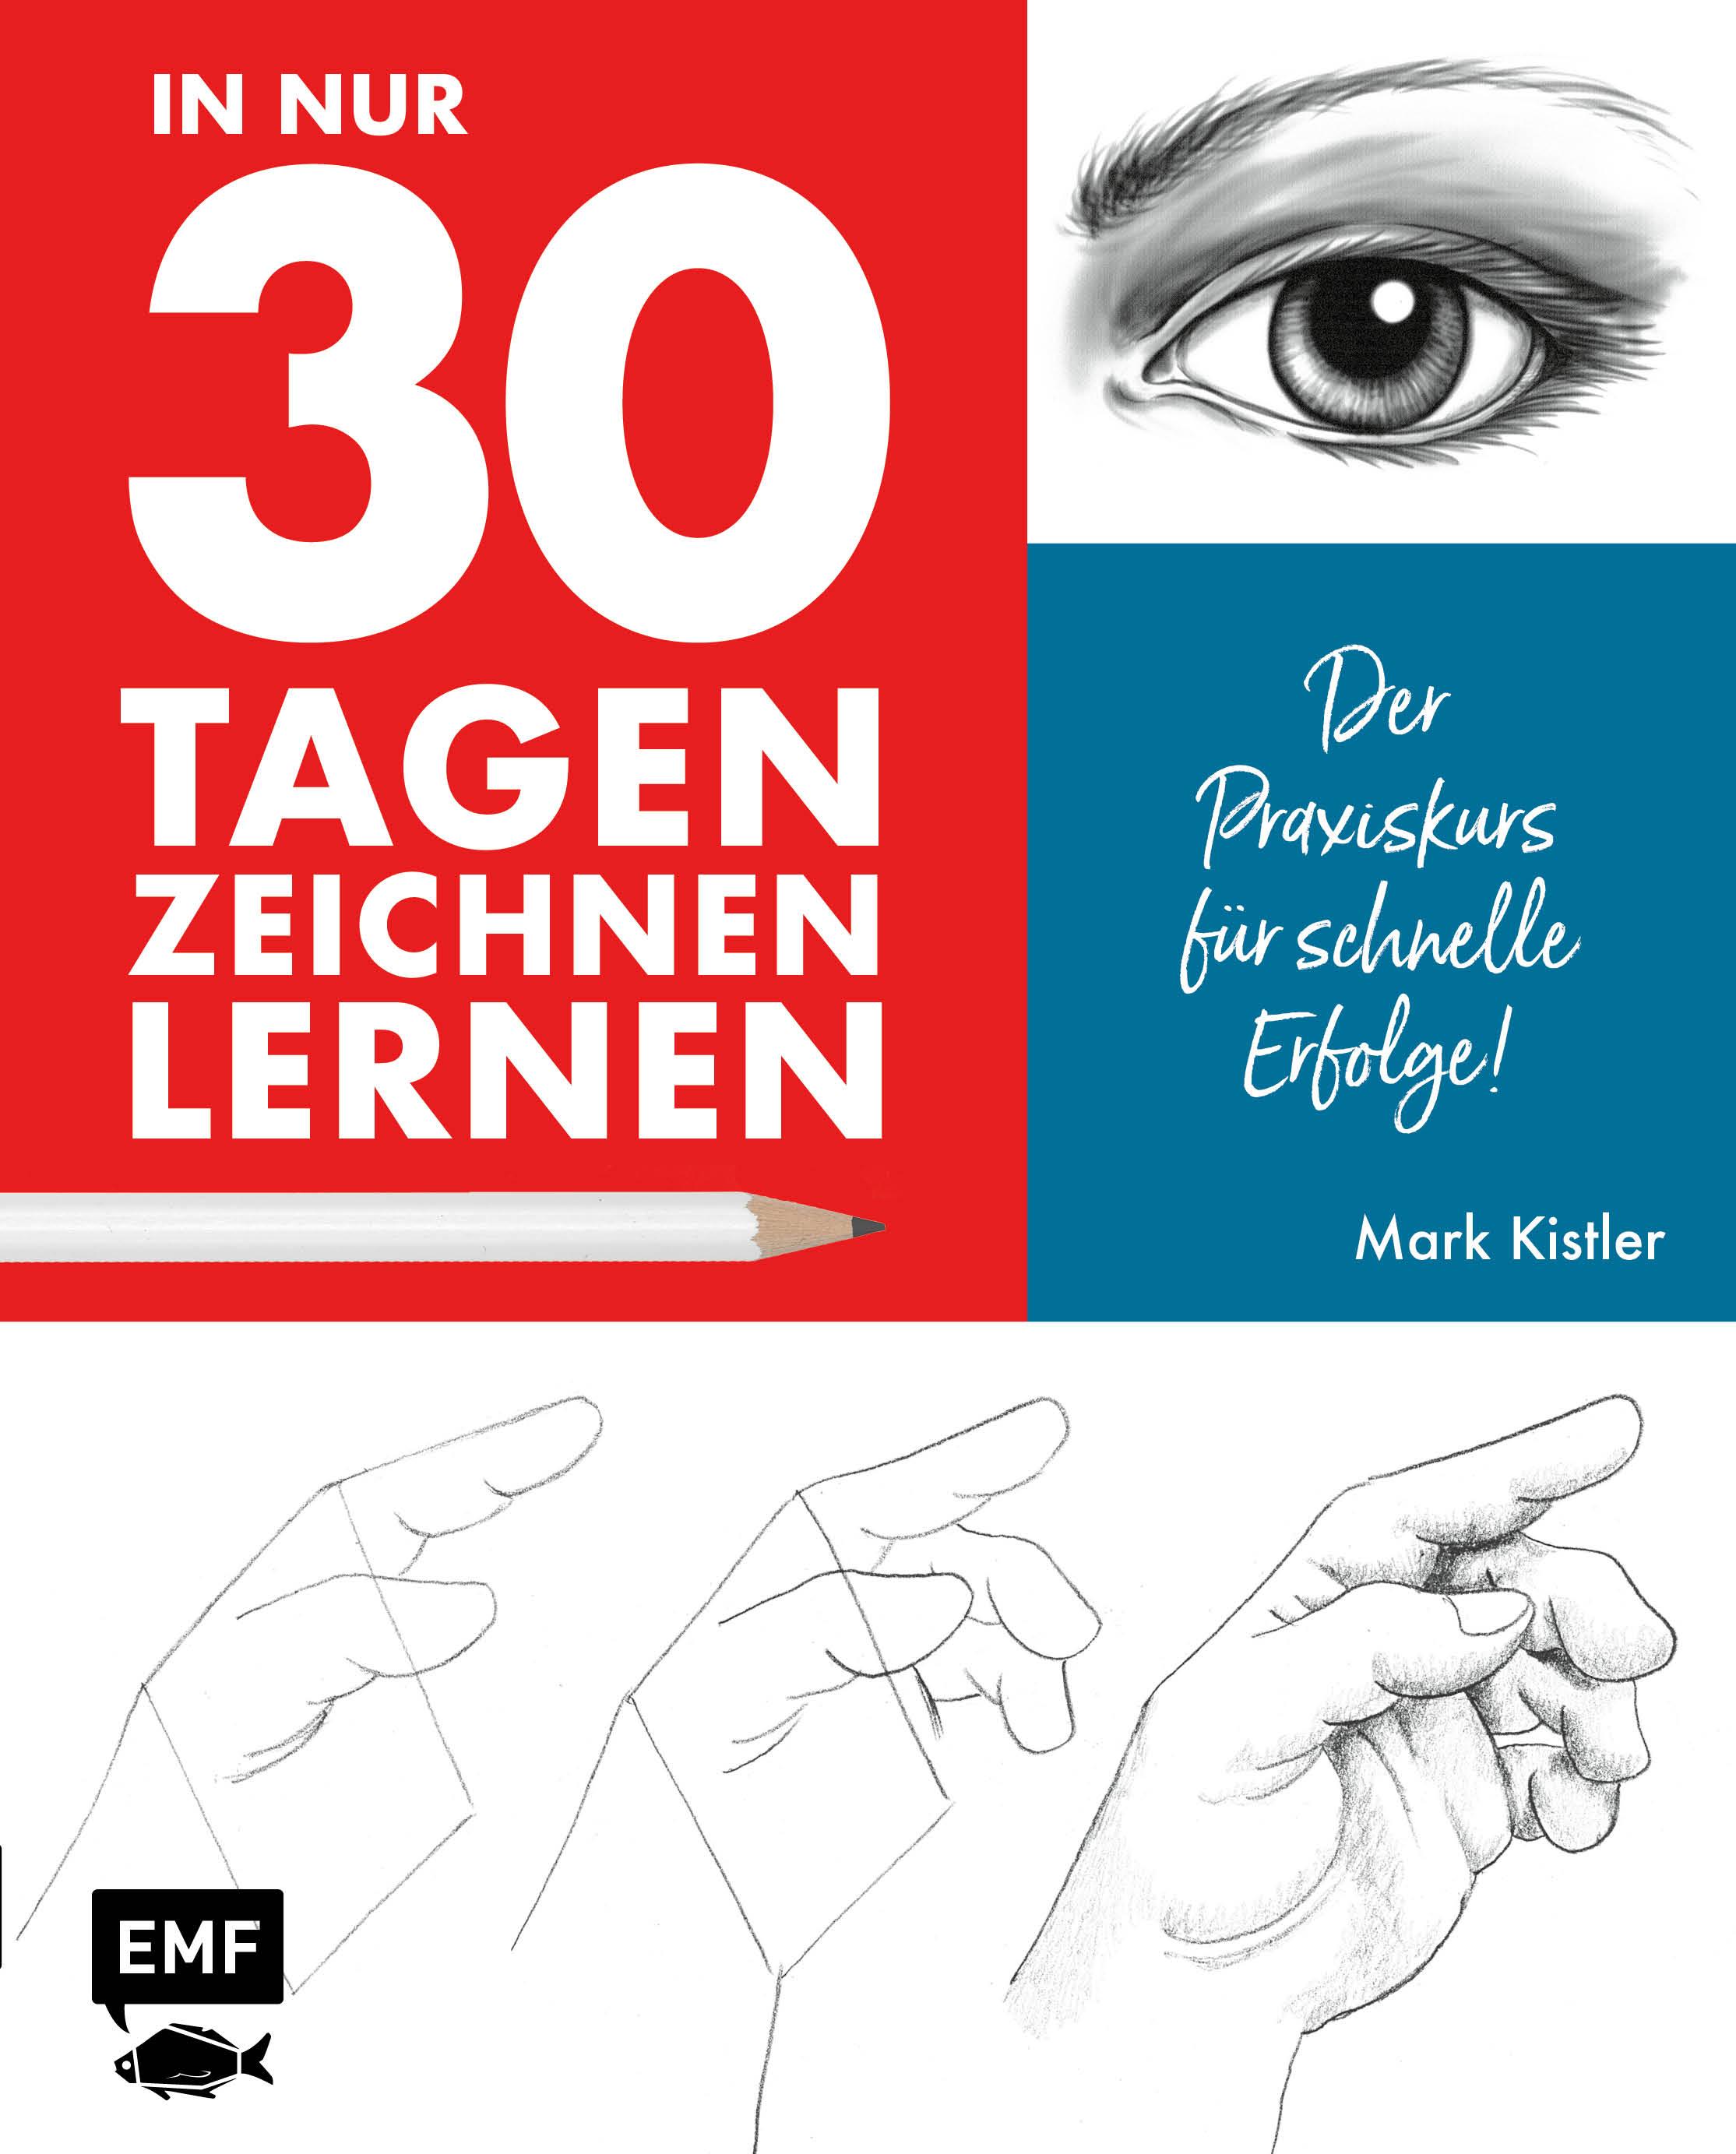 In nur 30 Tagen zeichnen lernen von Kistler, Mark: Der Praxiskurs für